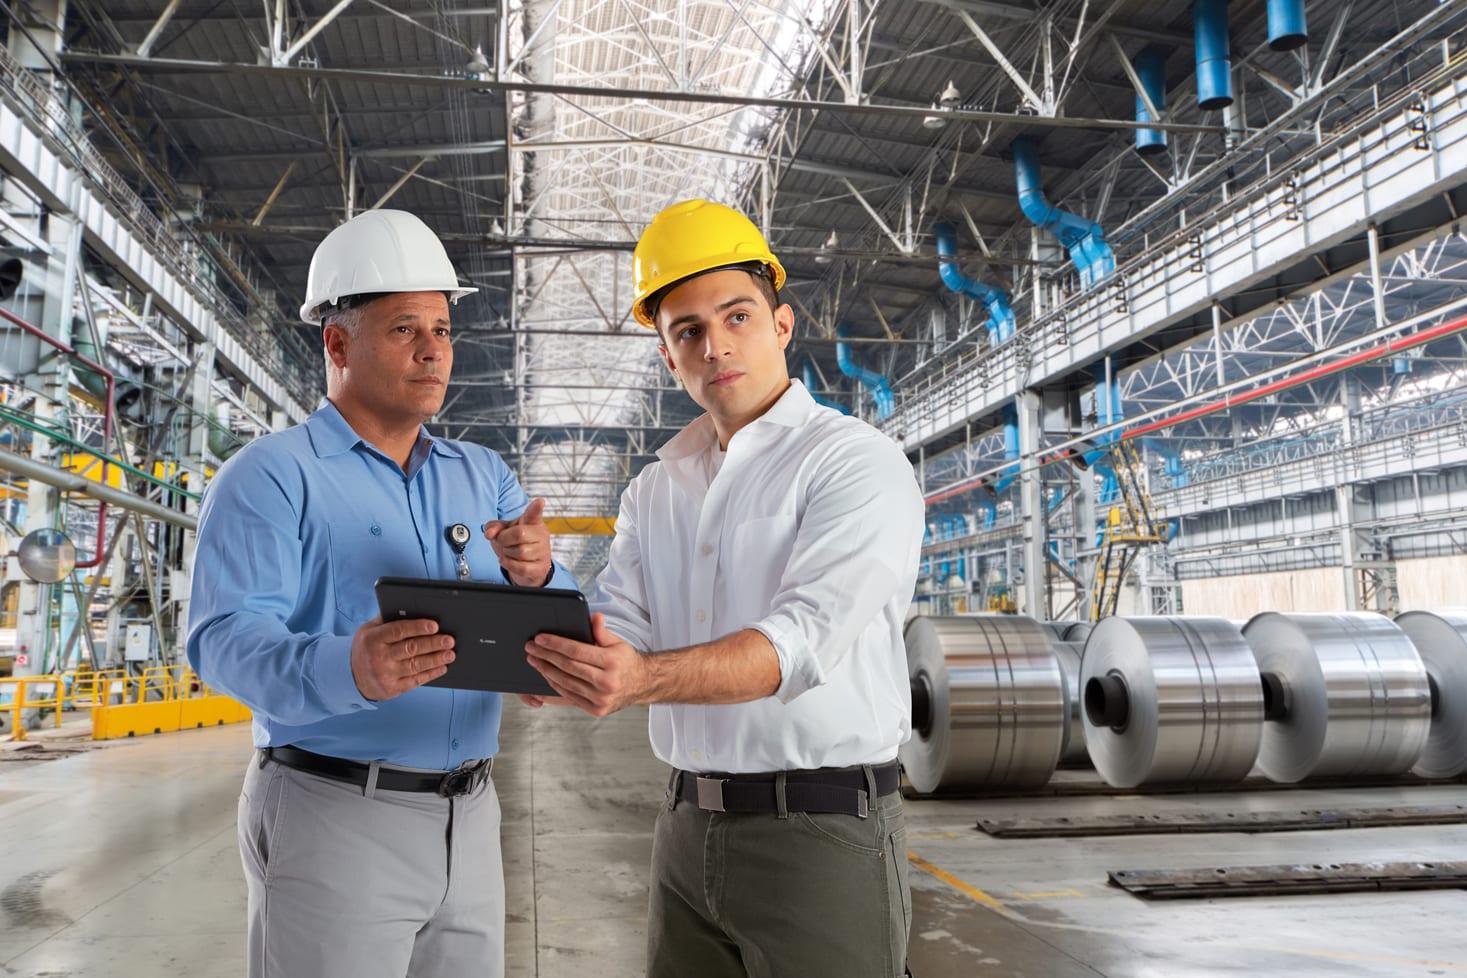 2 Men Wearing Hard Hats in Warehouse